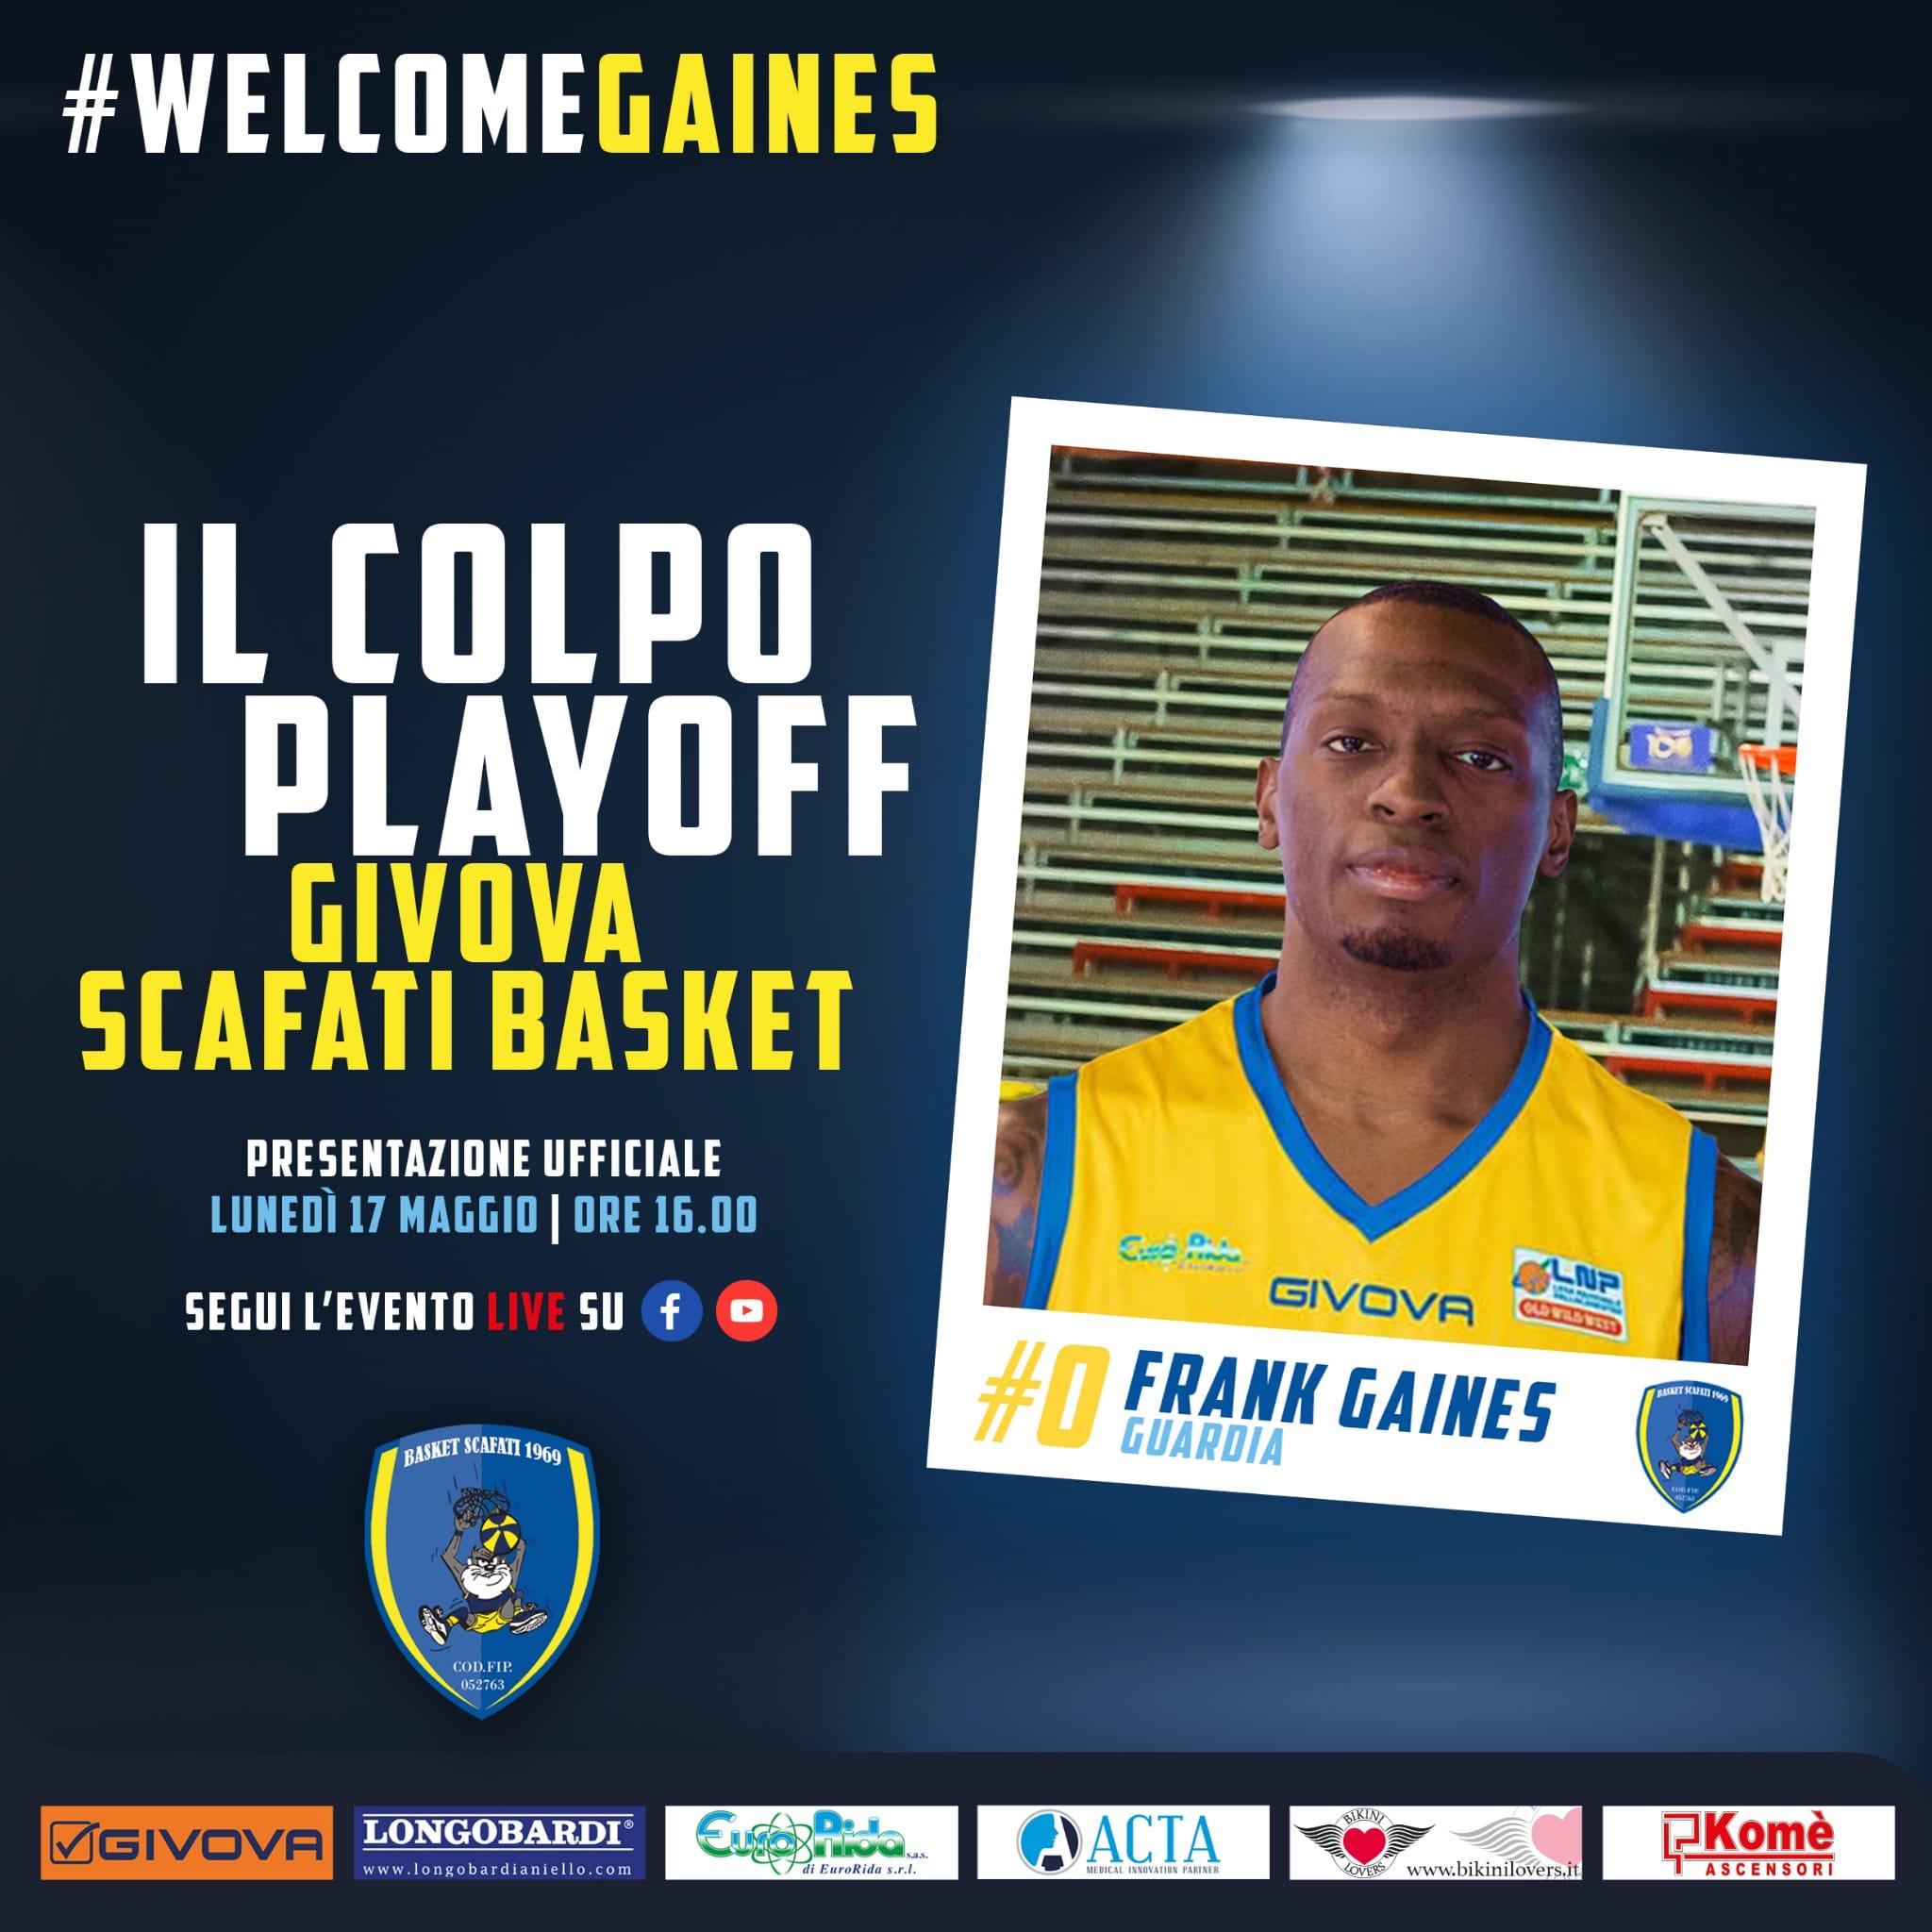 Frank Gaines arriva a Scafati